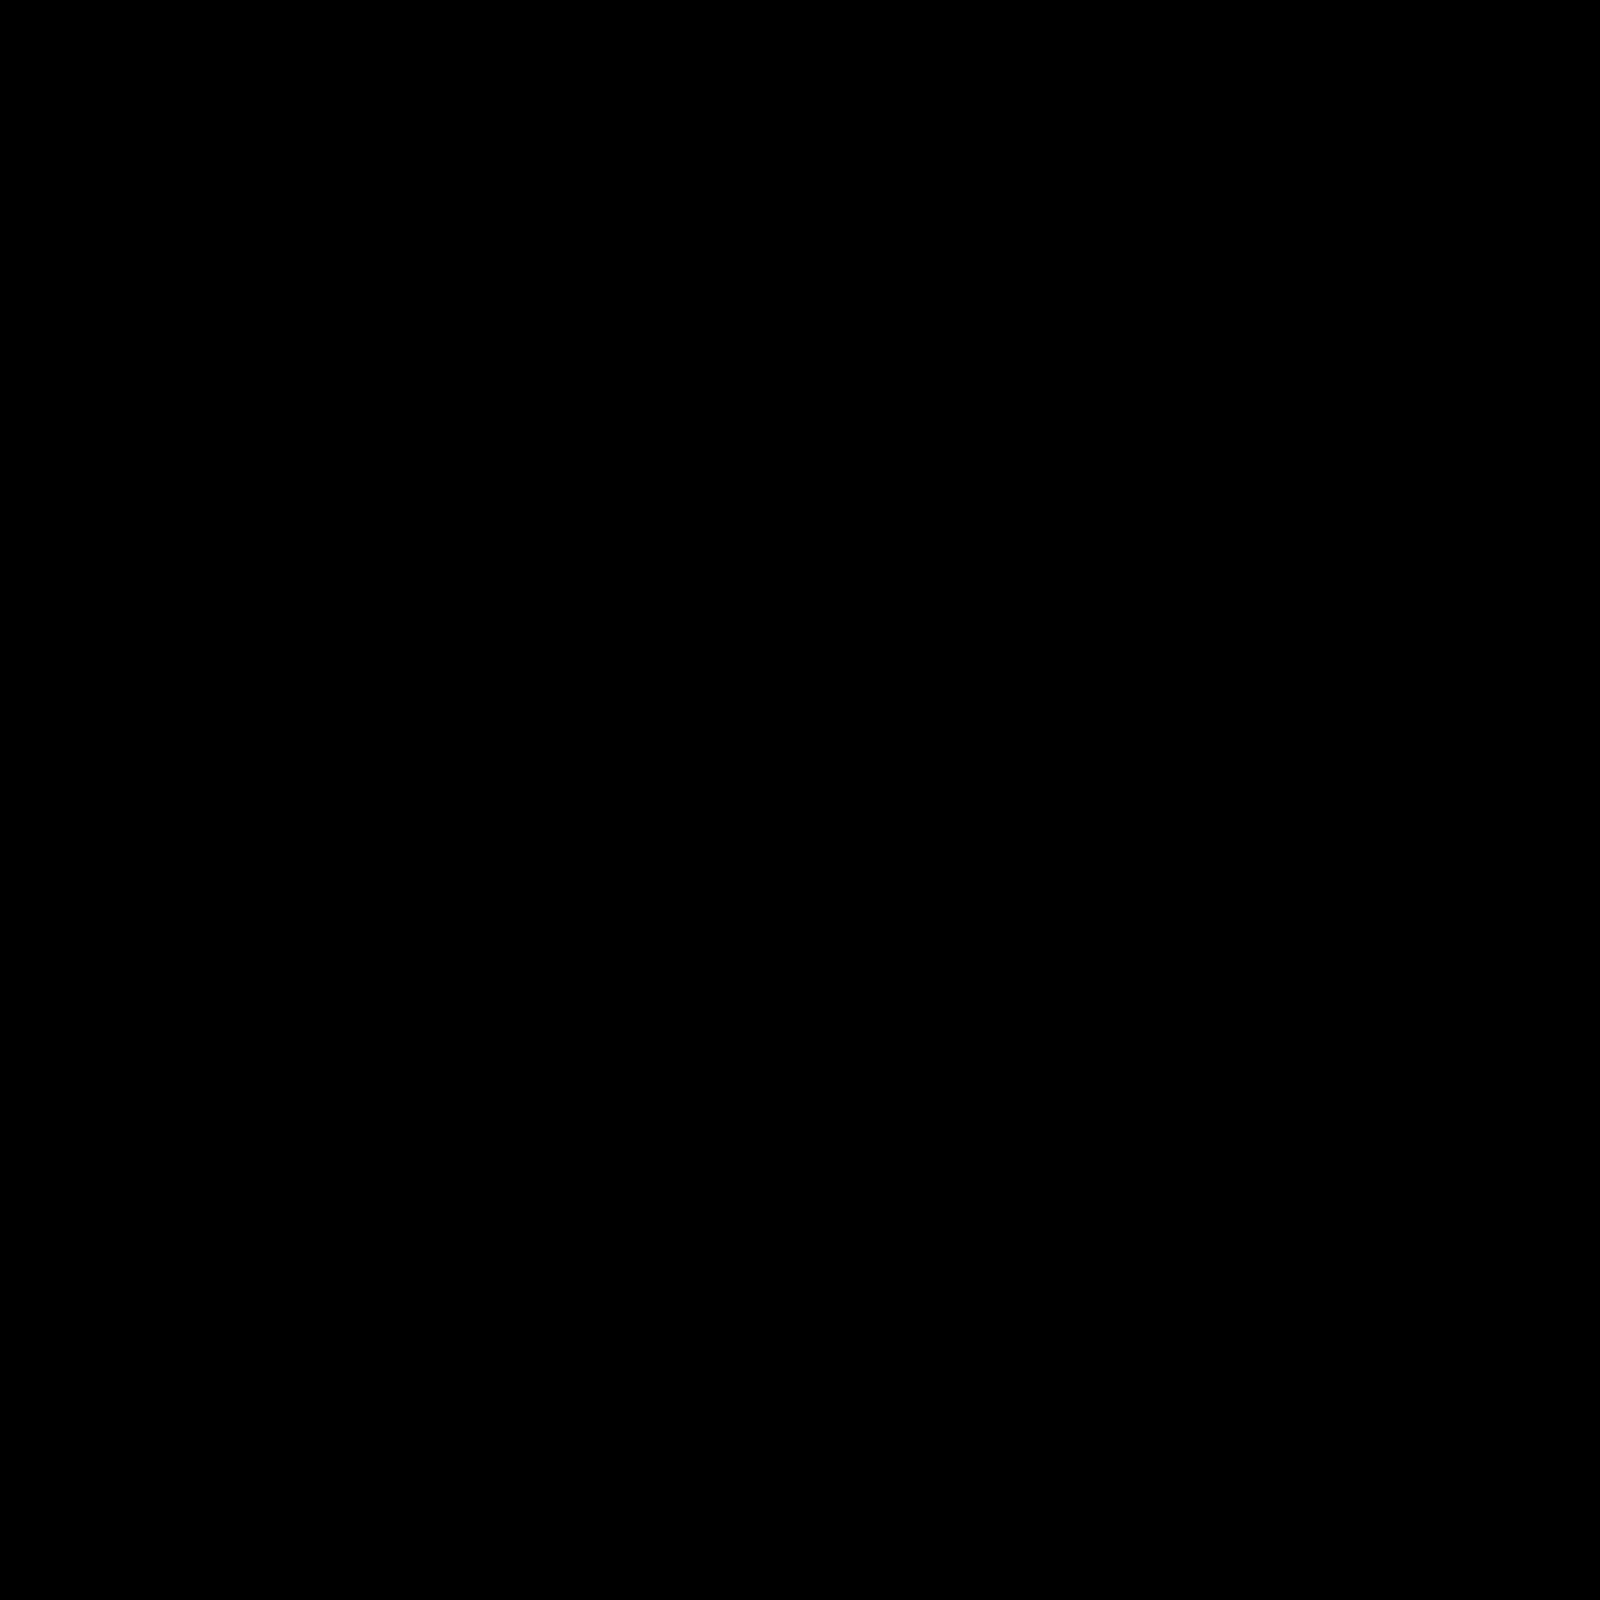 Un organigramme empilé a mis en évidence le premier noeud icon